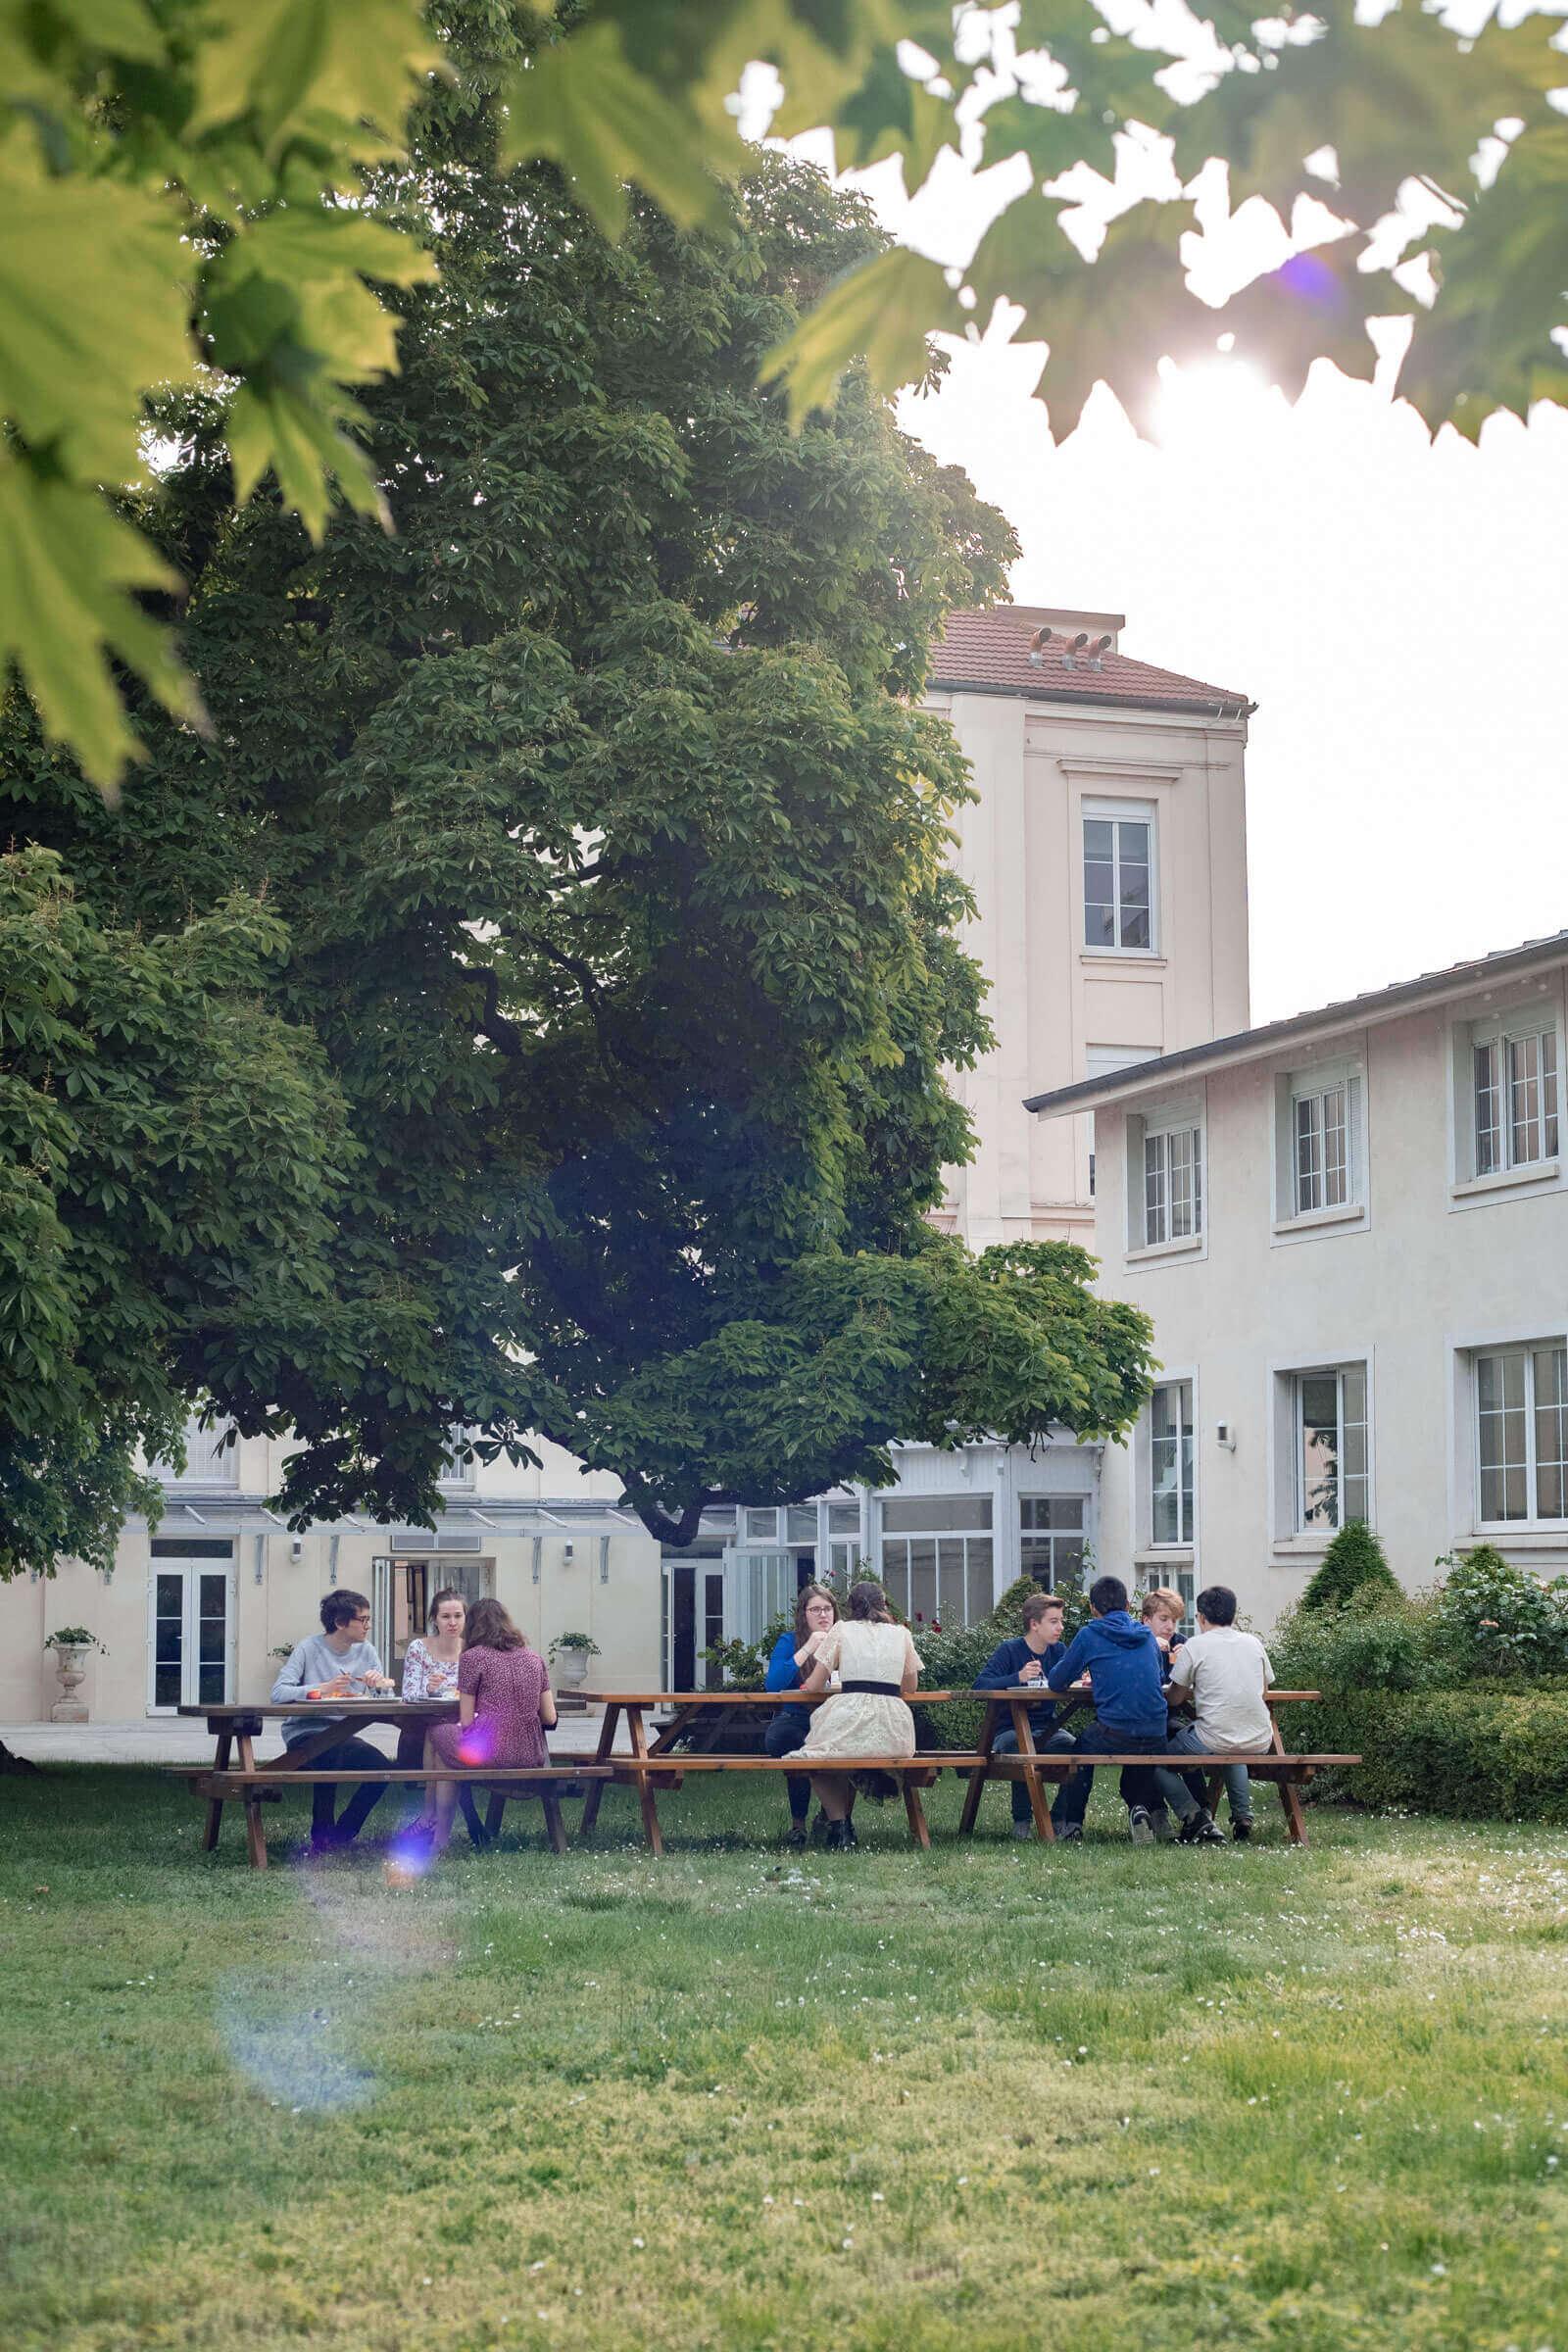 Neuf étudiants en train de manger à l'extérieur, dans le jardin verdoyant du Foyer Les Enfants des Arts